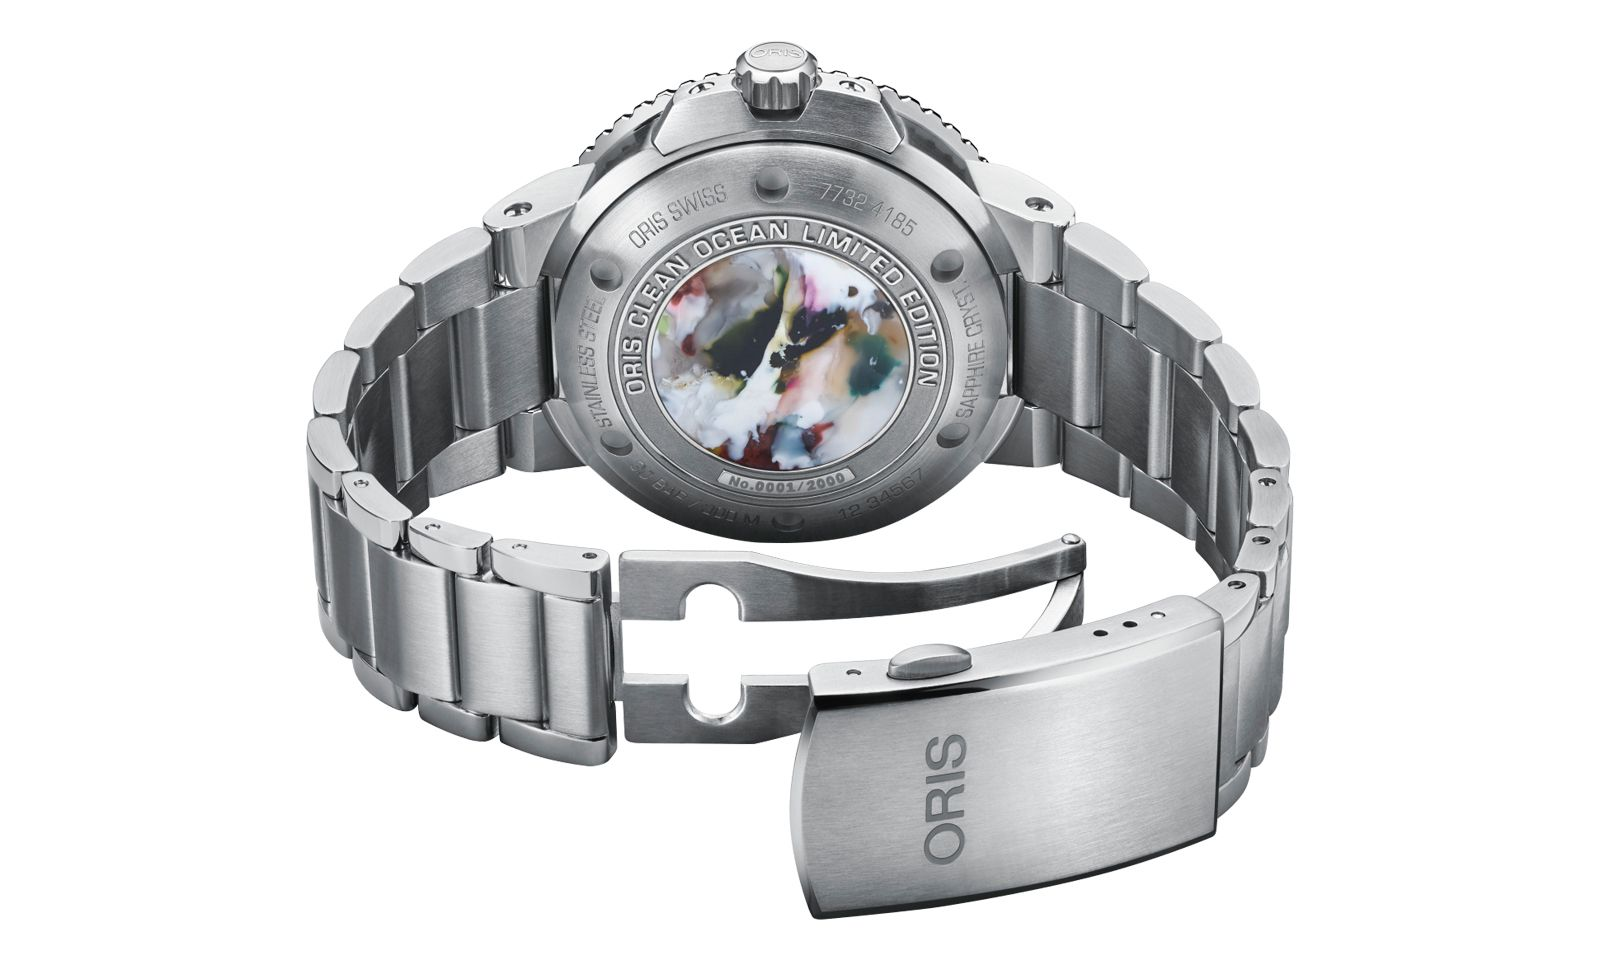 """Uhrentrend Nachhaltigkeit. Die Taucheruhr """"Clean Ocean Limited Edition"""" von Oris besitzt einen Gehäuseboden aus recyceltem Plastikabfall."""